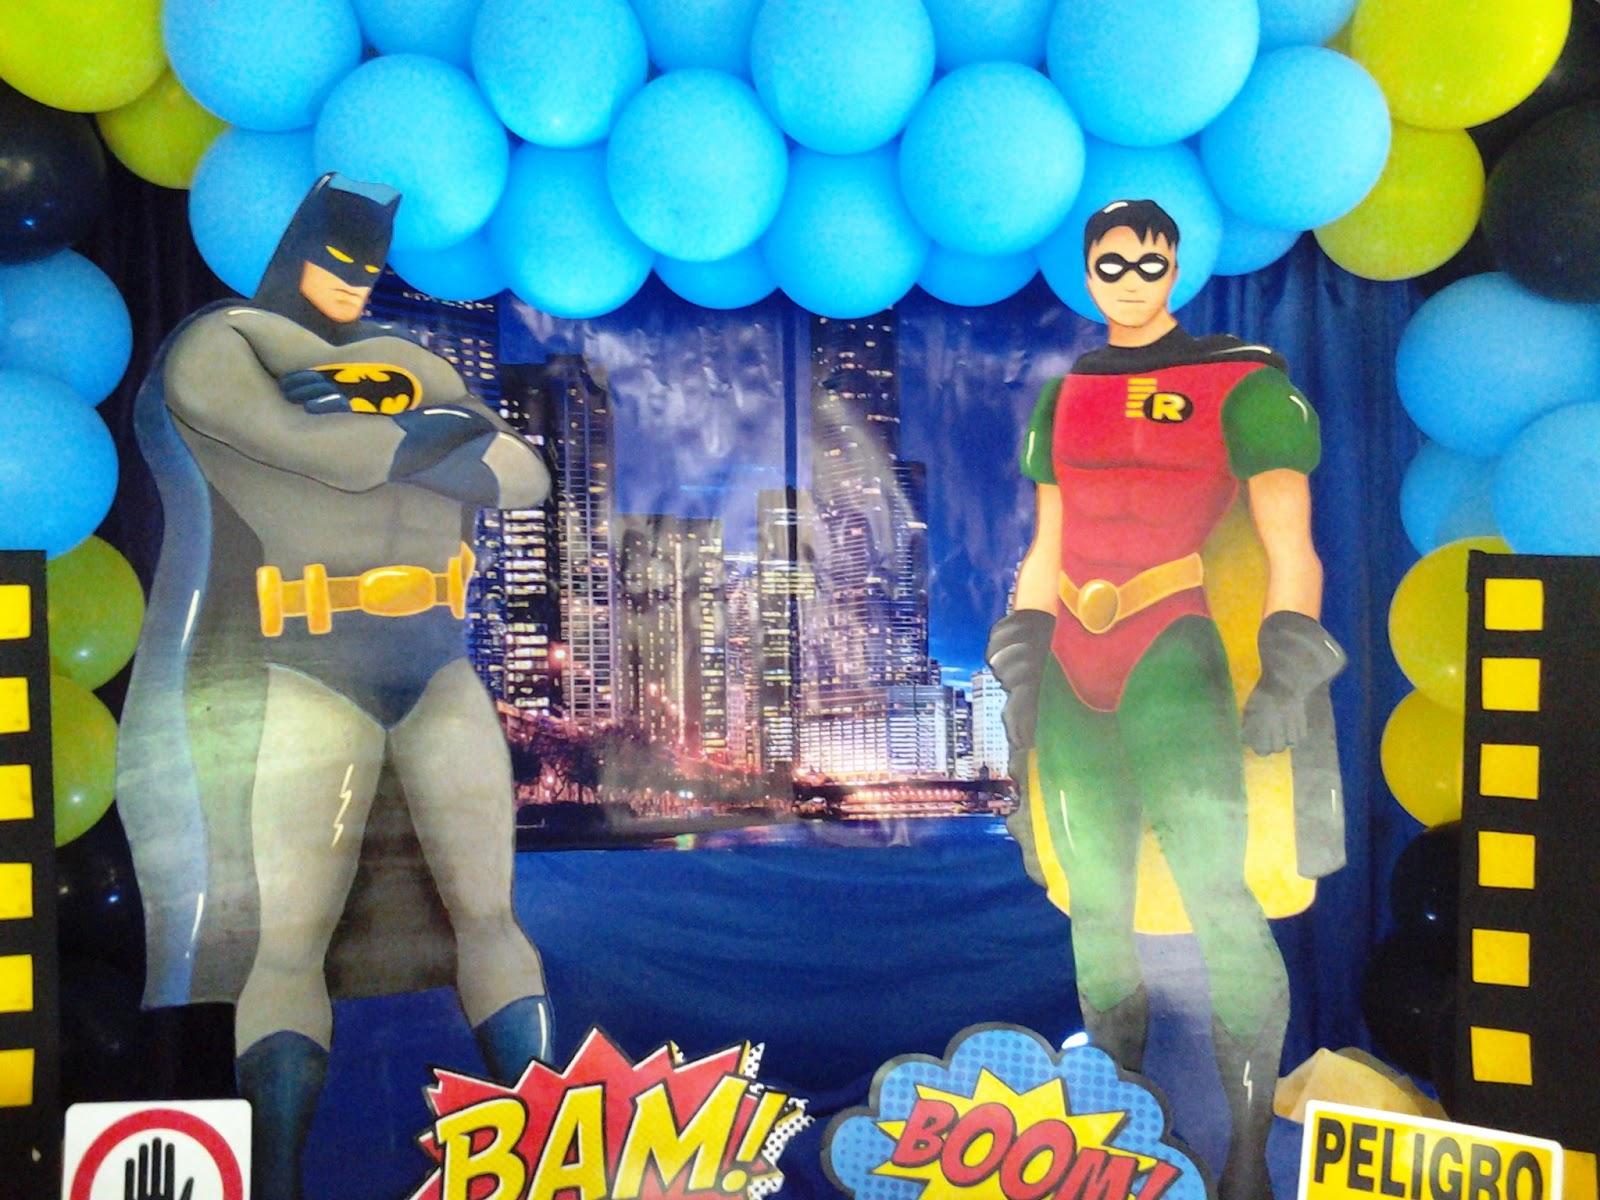 Las aventuras eroticas de Batman y Robin solo para adultos